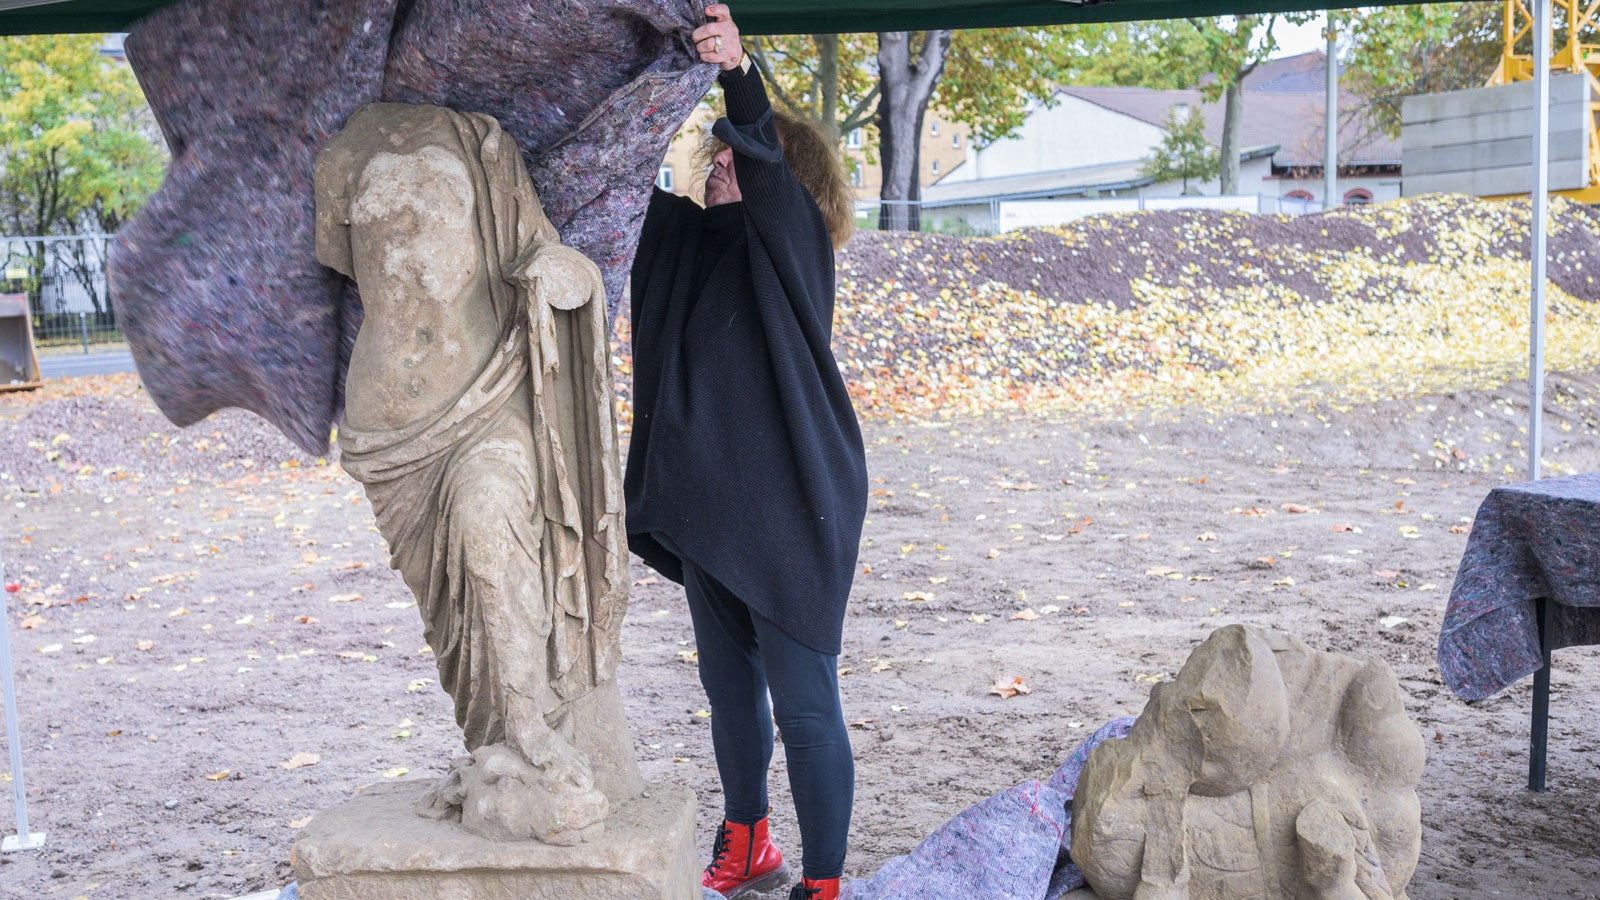 Venus mit Kalb - Spektakuläre Römerzeit-Funde in Mainz gefunden | The Weather Channel - Artikel von The Weather Channel | weather.com